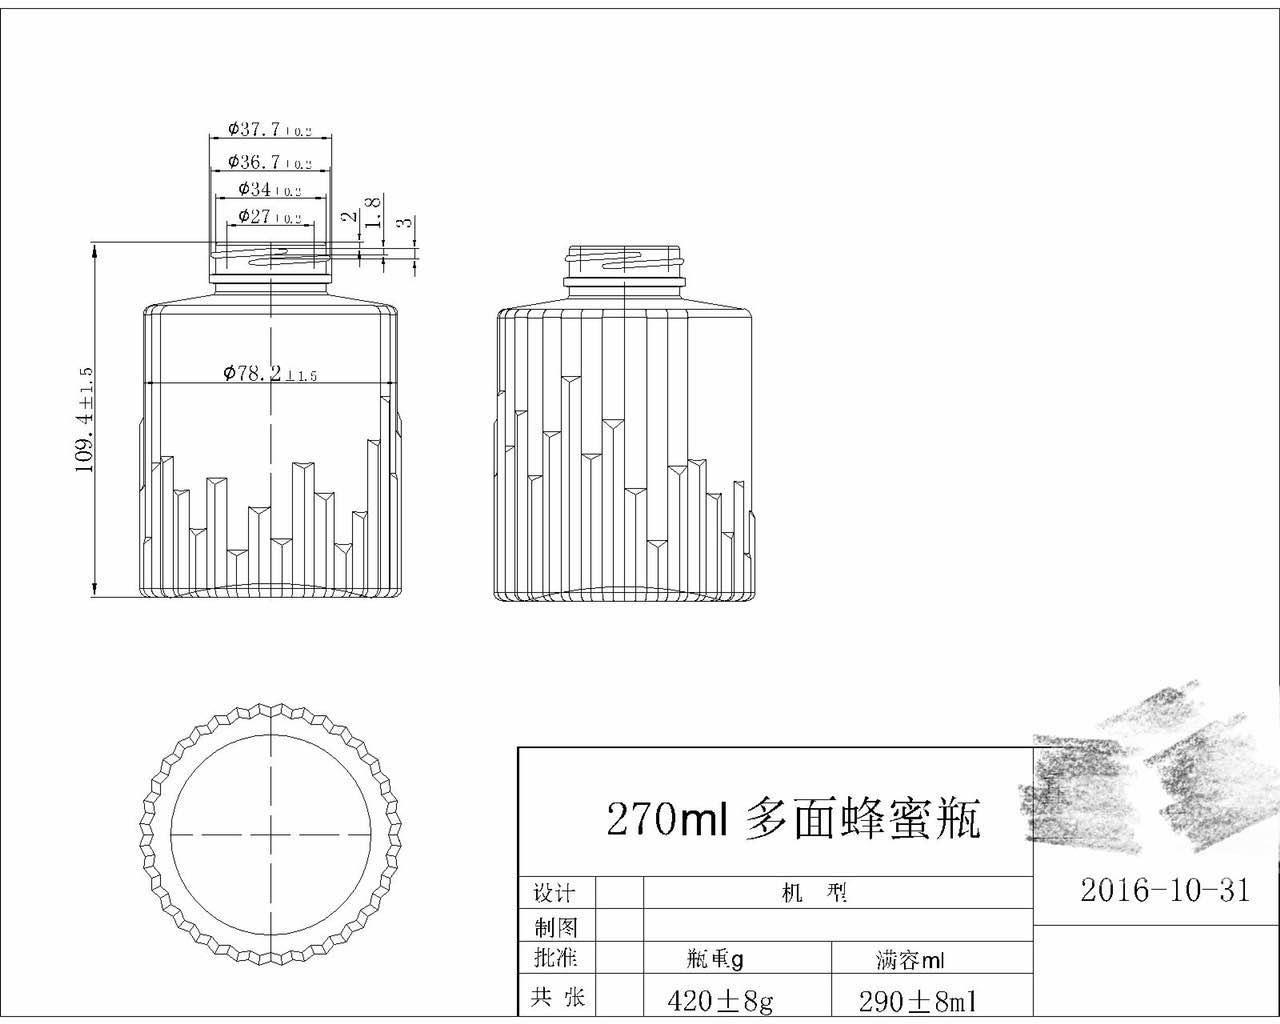 延吉大气竞博制造厂 外贸瓶生产厂家 出口竞博 xo竞博 冰竞博 水晶竞博